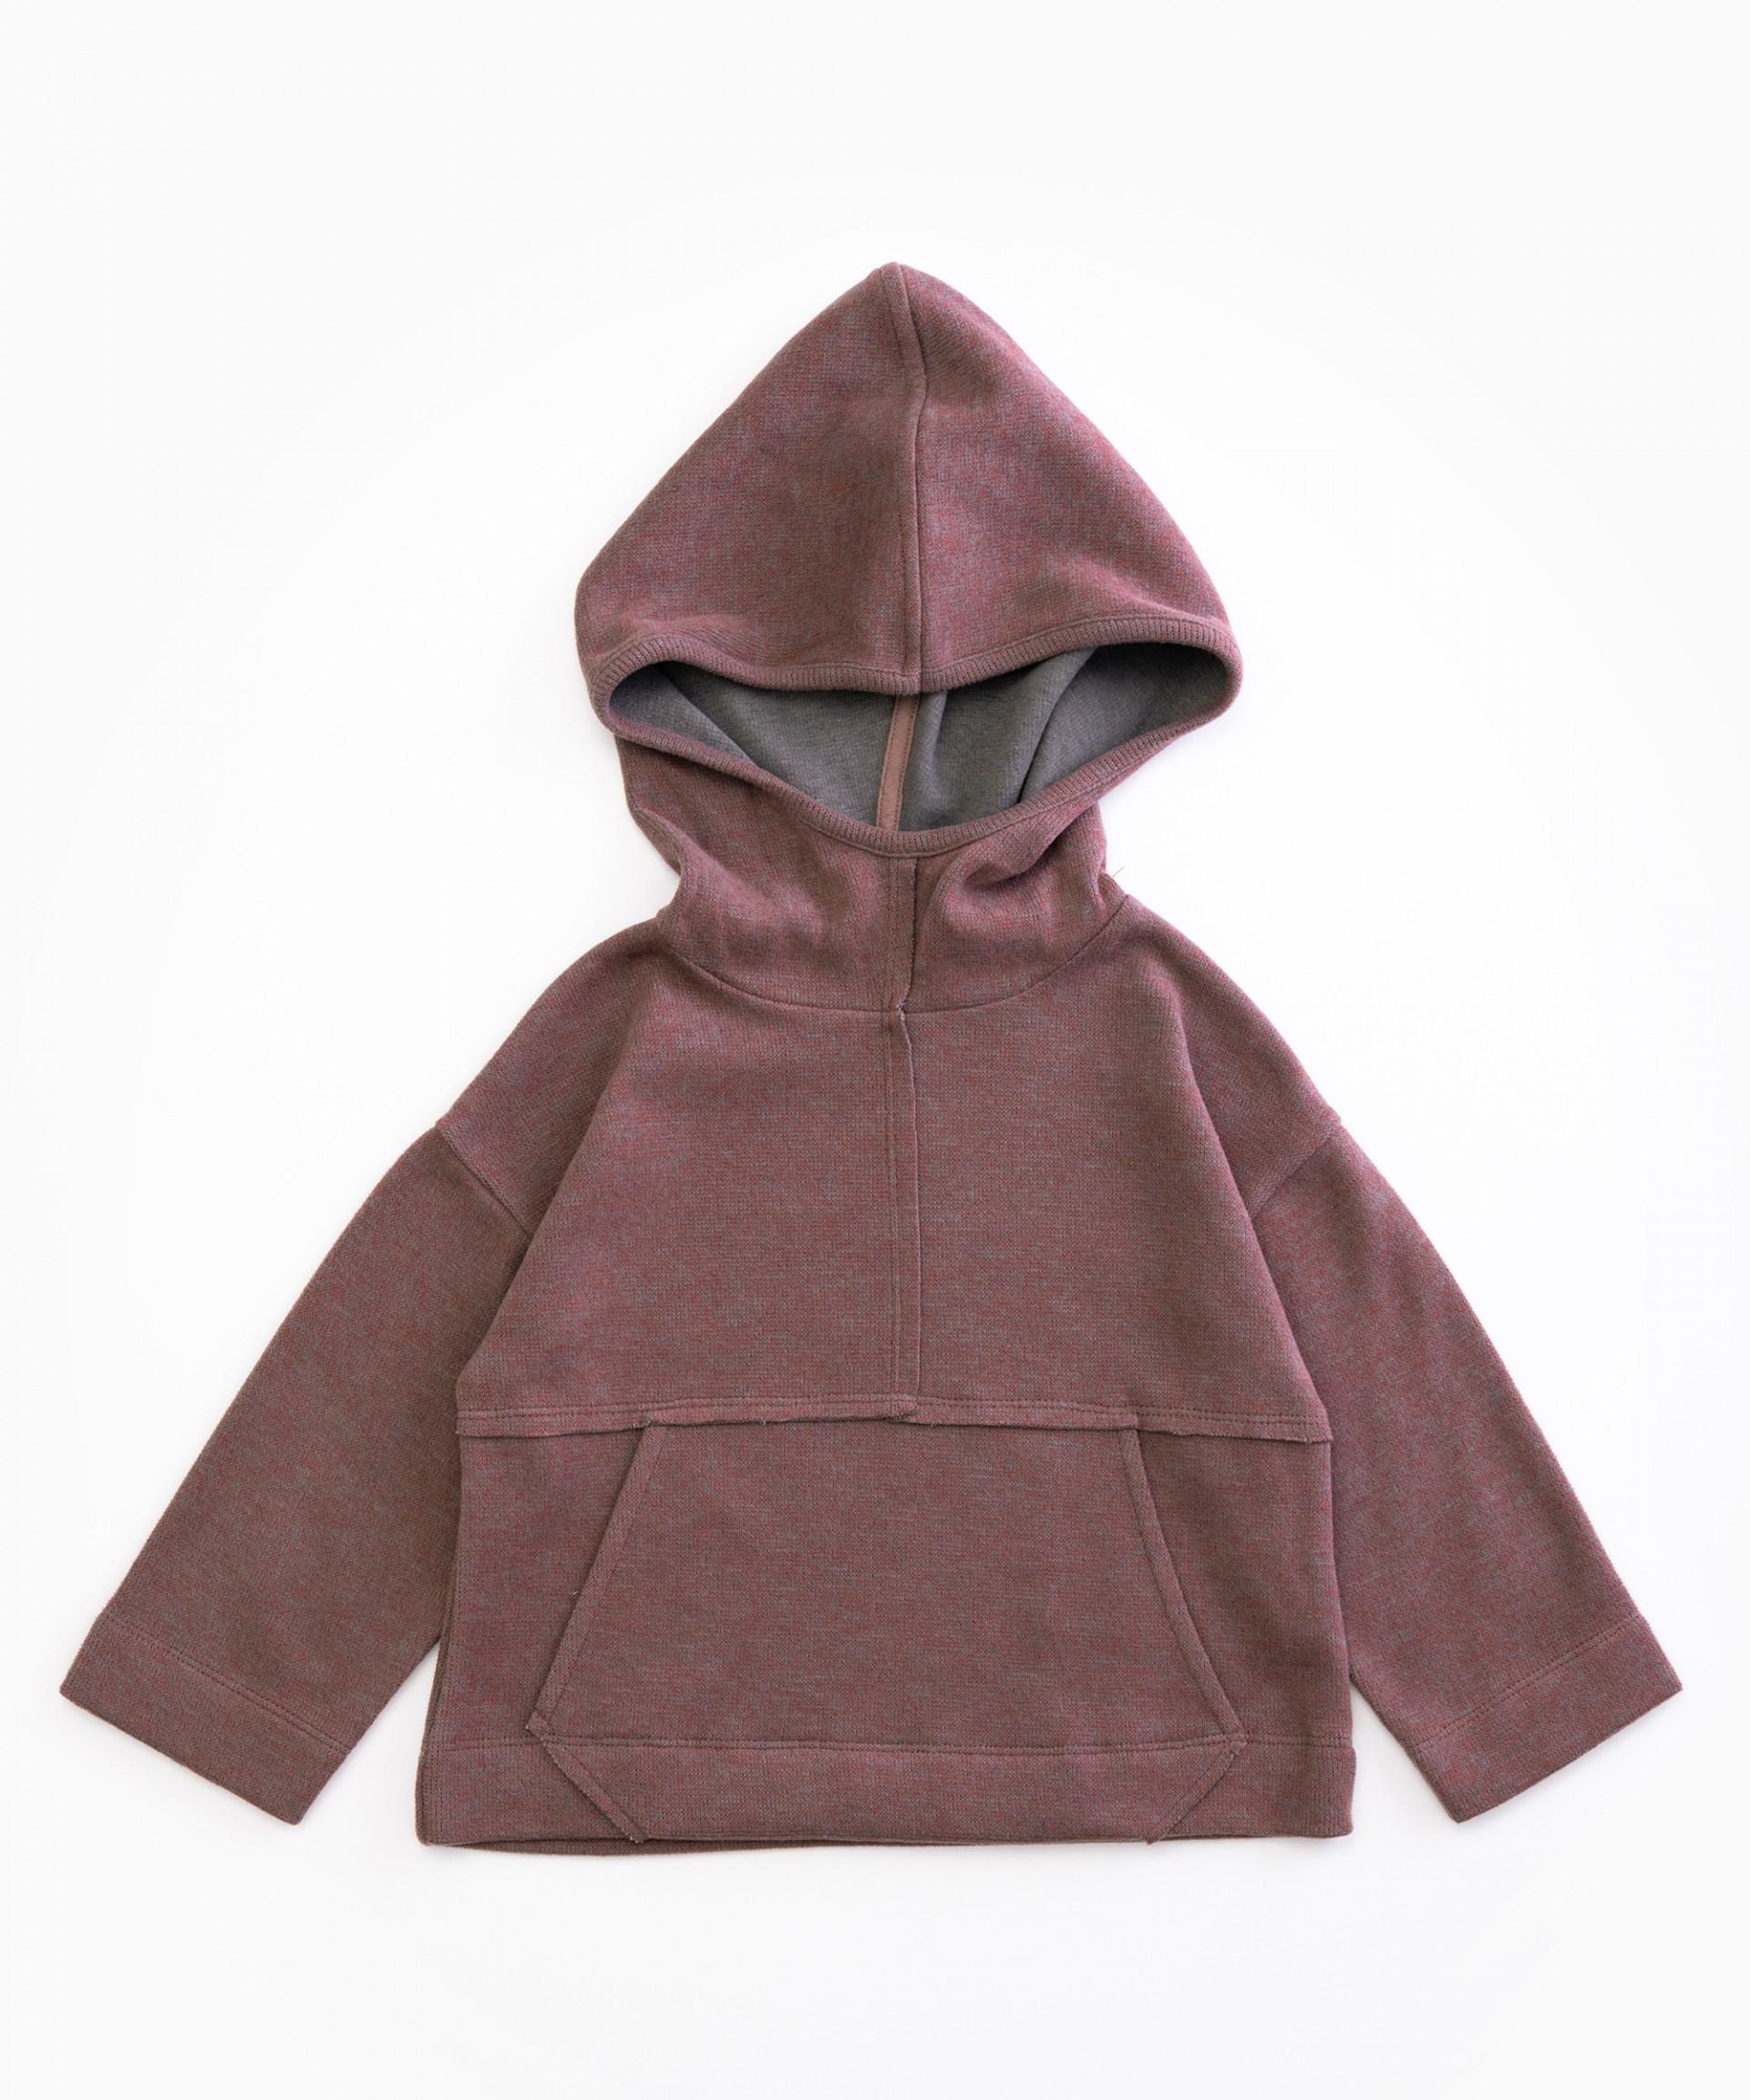 Camisola em algodão com capucho | Woodwork